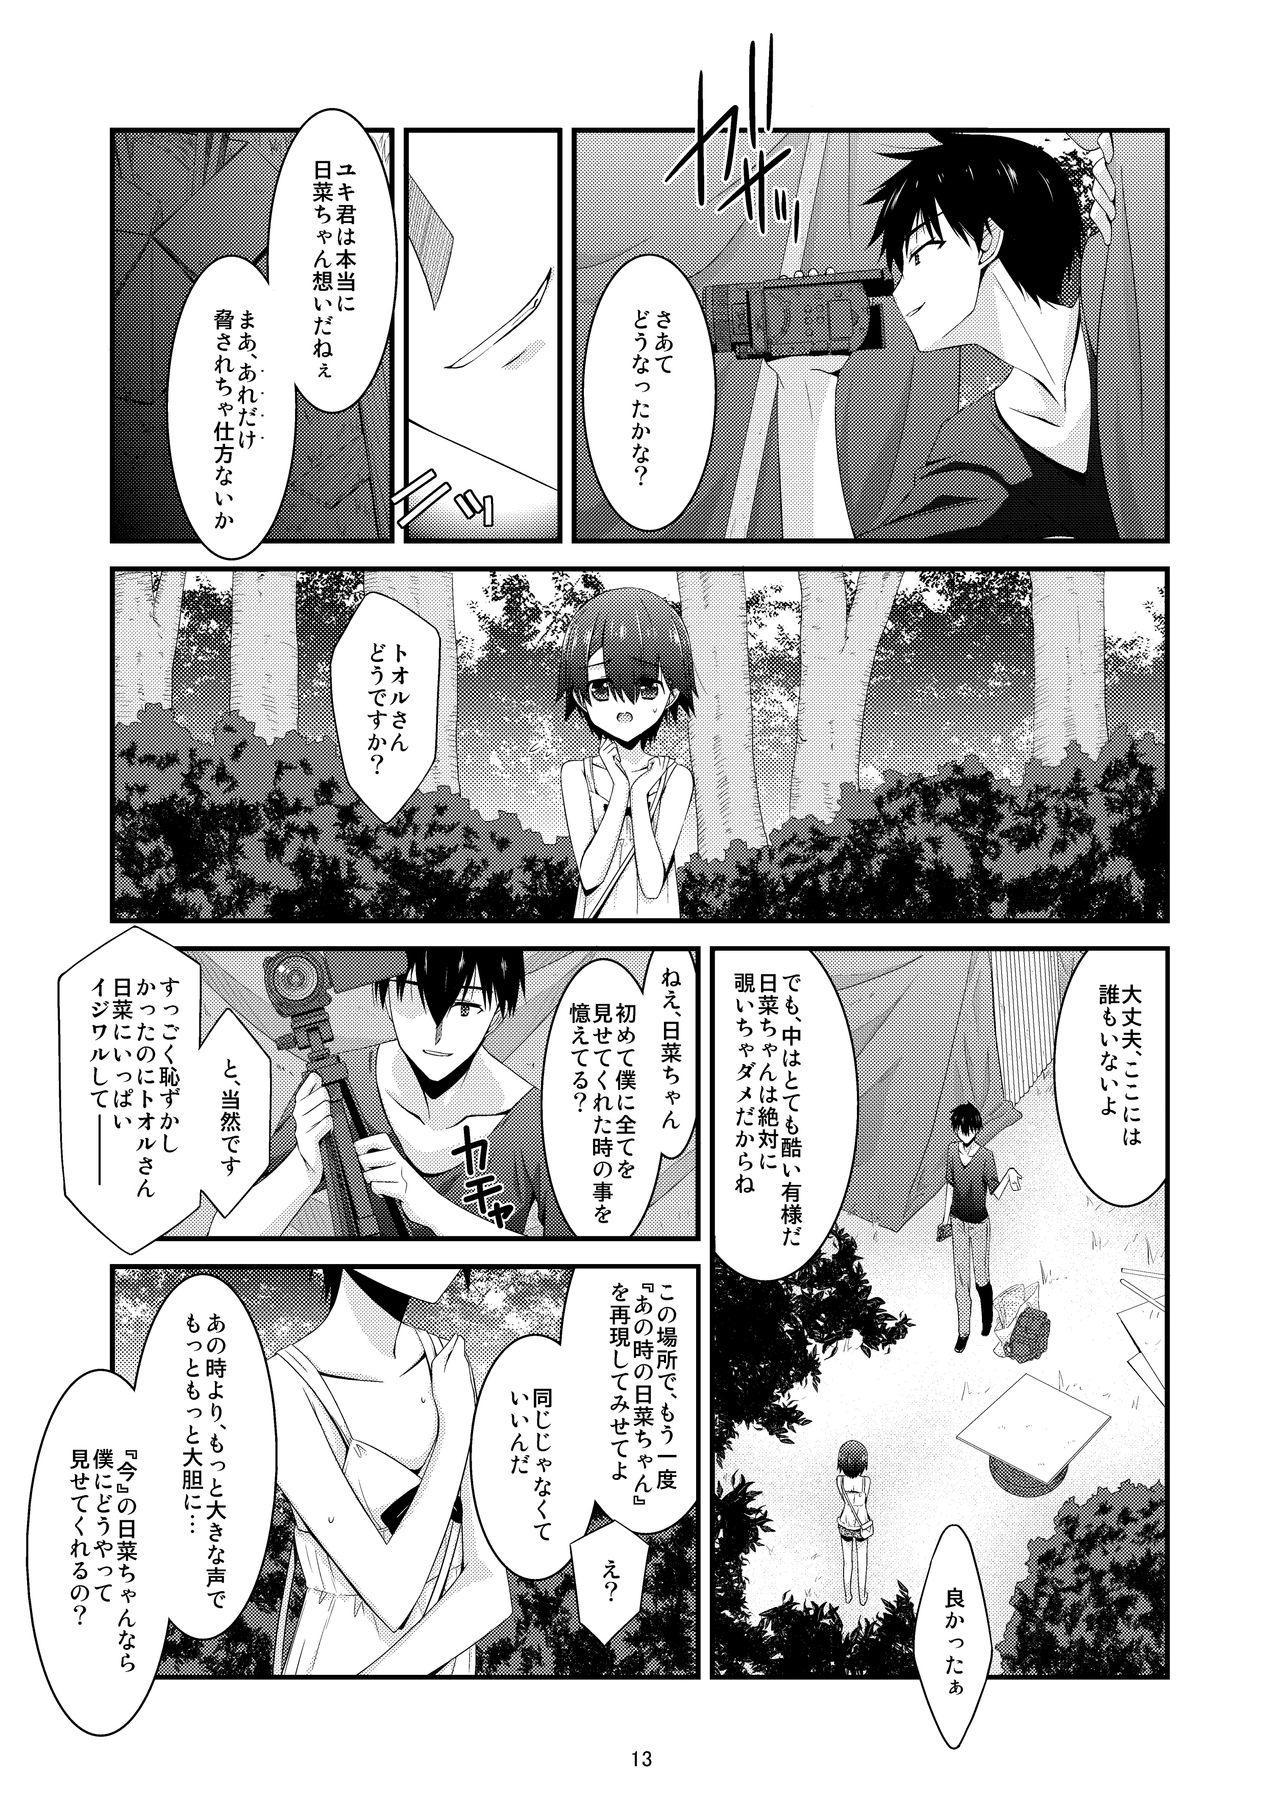 Anoko ga Aitsu no Omocha ni Natta Hi Kanzaki Hina Hen AFTER 12